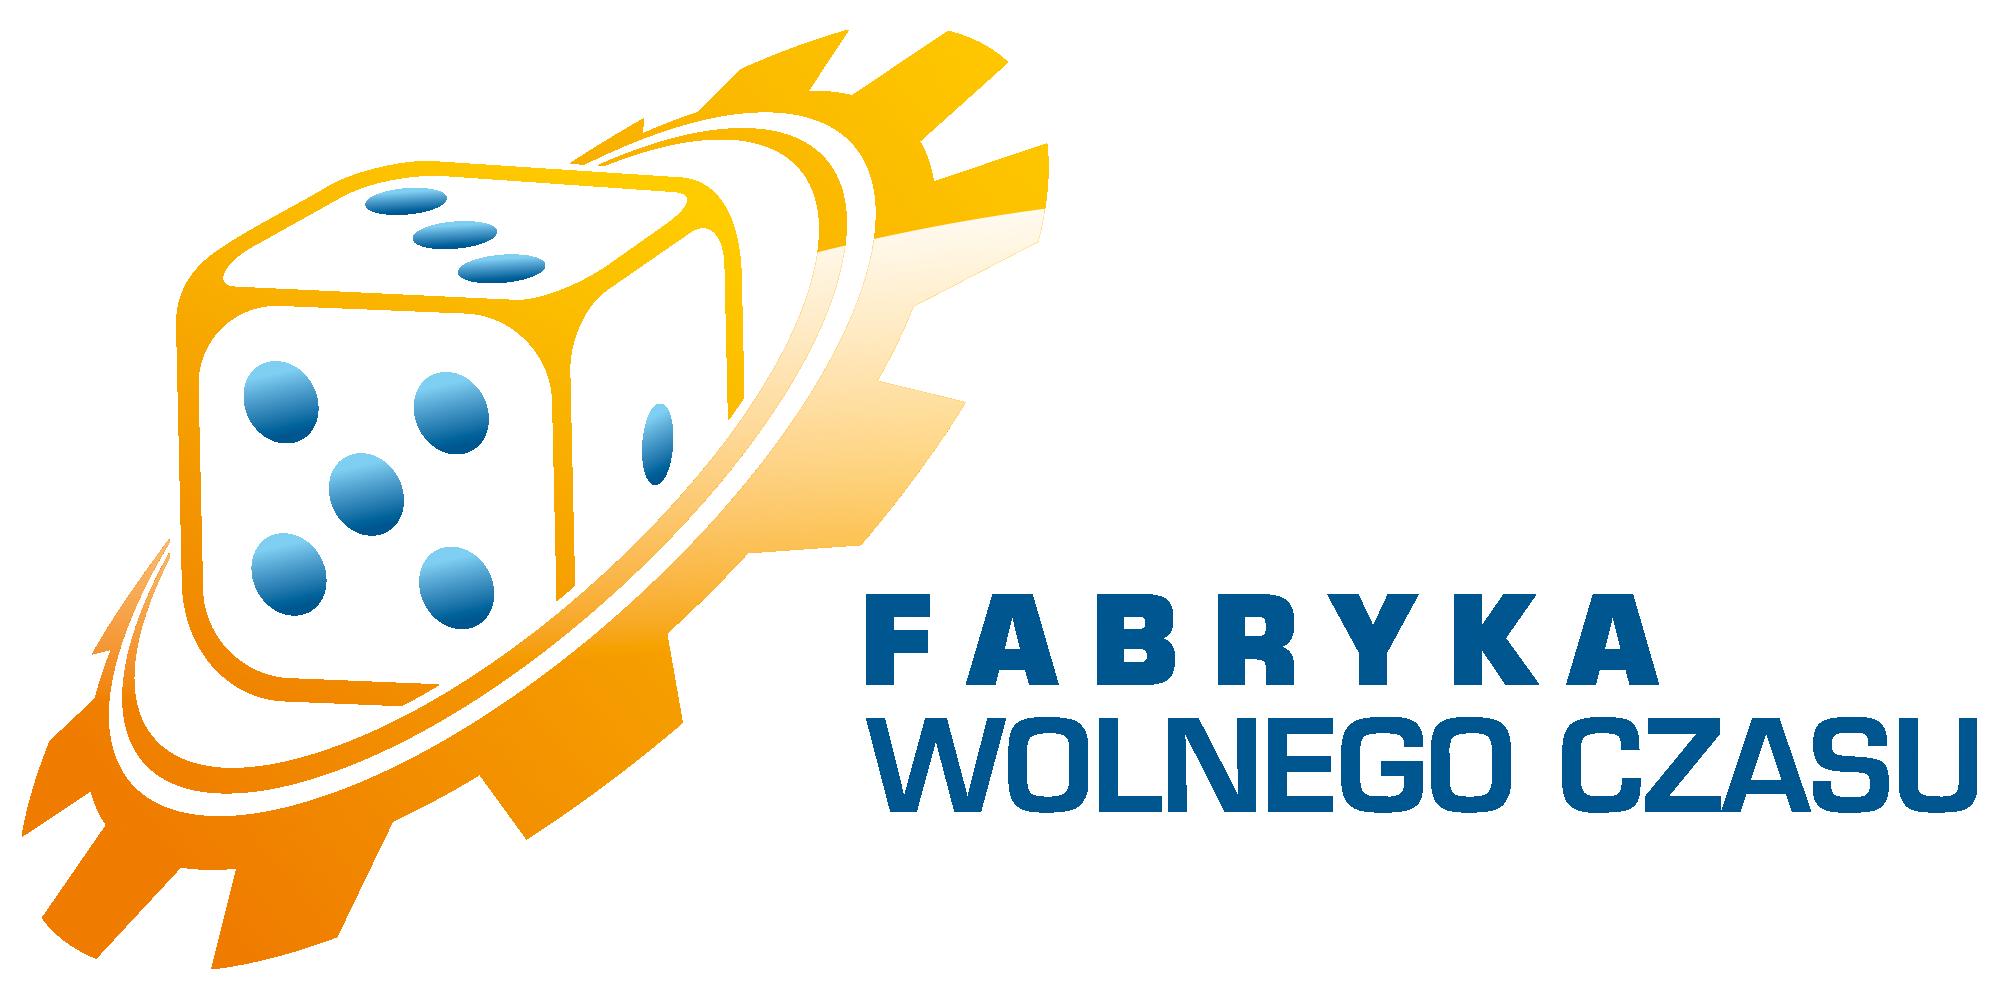 FabrykaWolnegoCzasu_logo